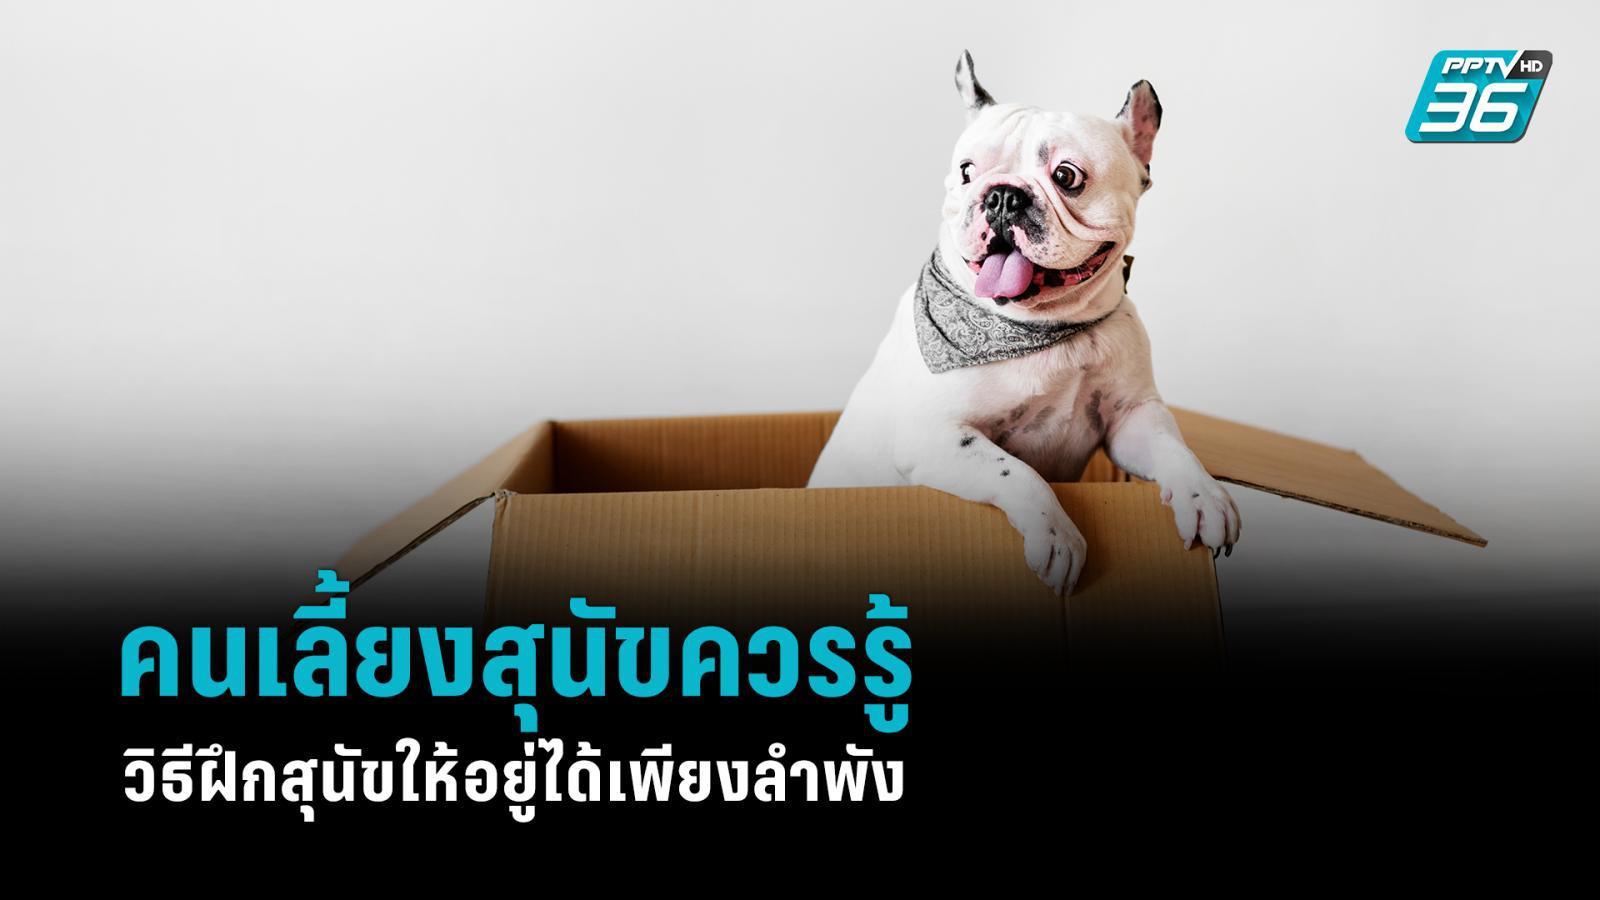 คนเลี้ยงสุนัขควรรู้ วิธีฝึกสุนัขให้อยู่ได้เพียงลำพัง